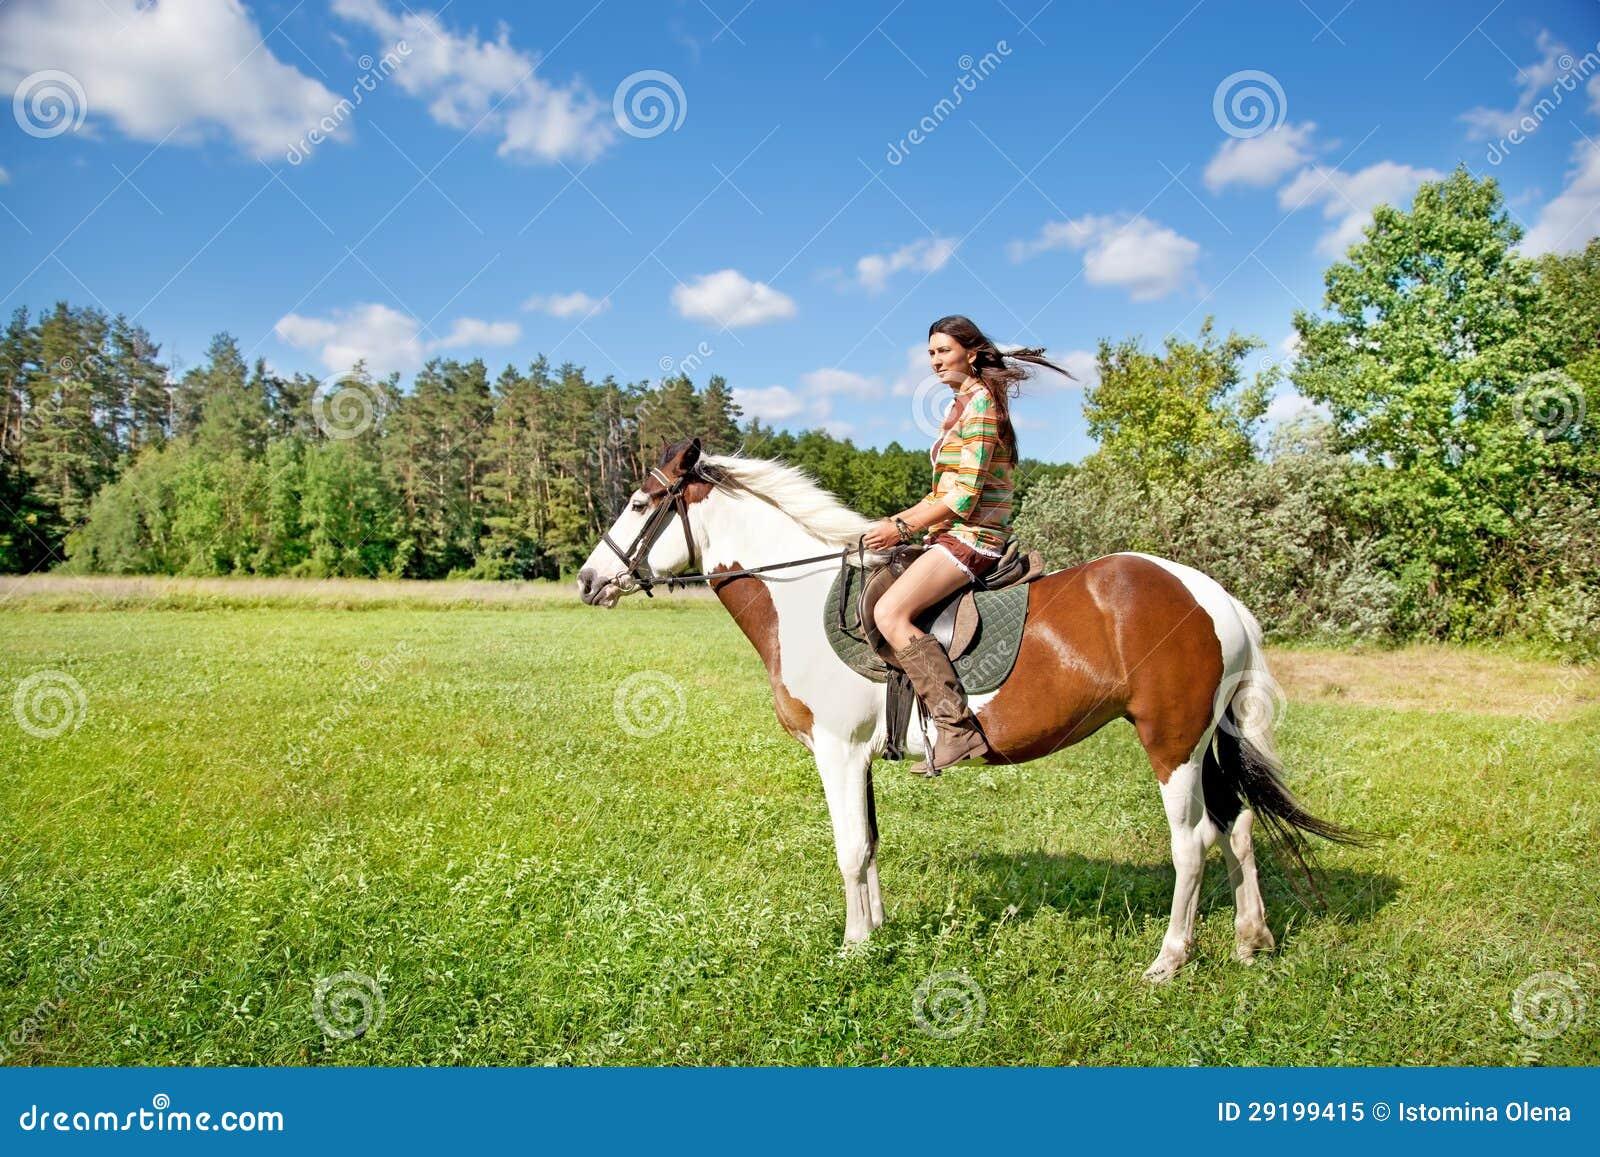 Una chica joven monta un caballo de la pintura